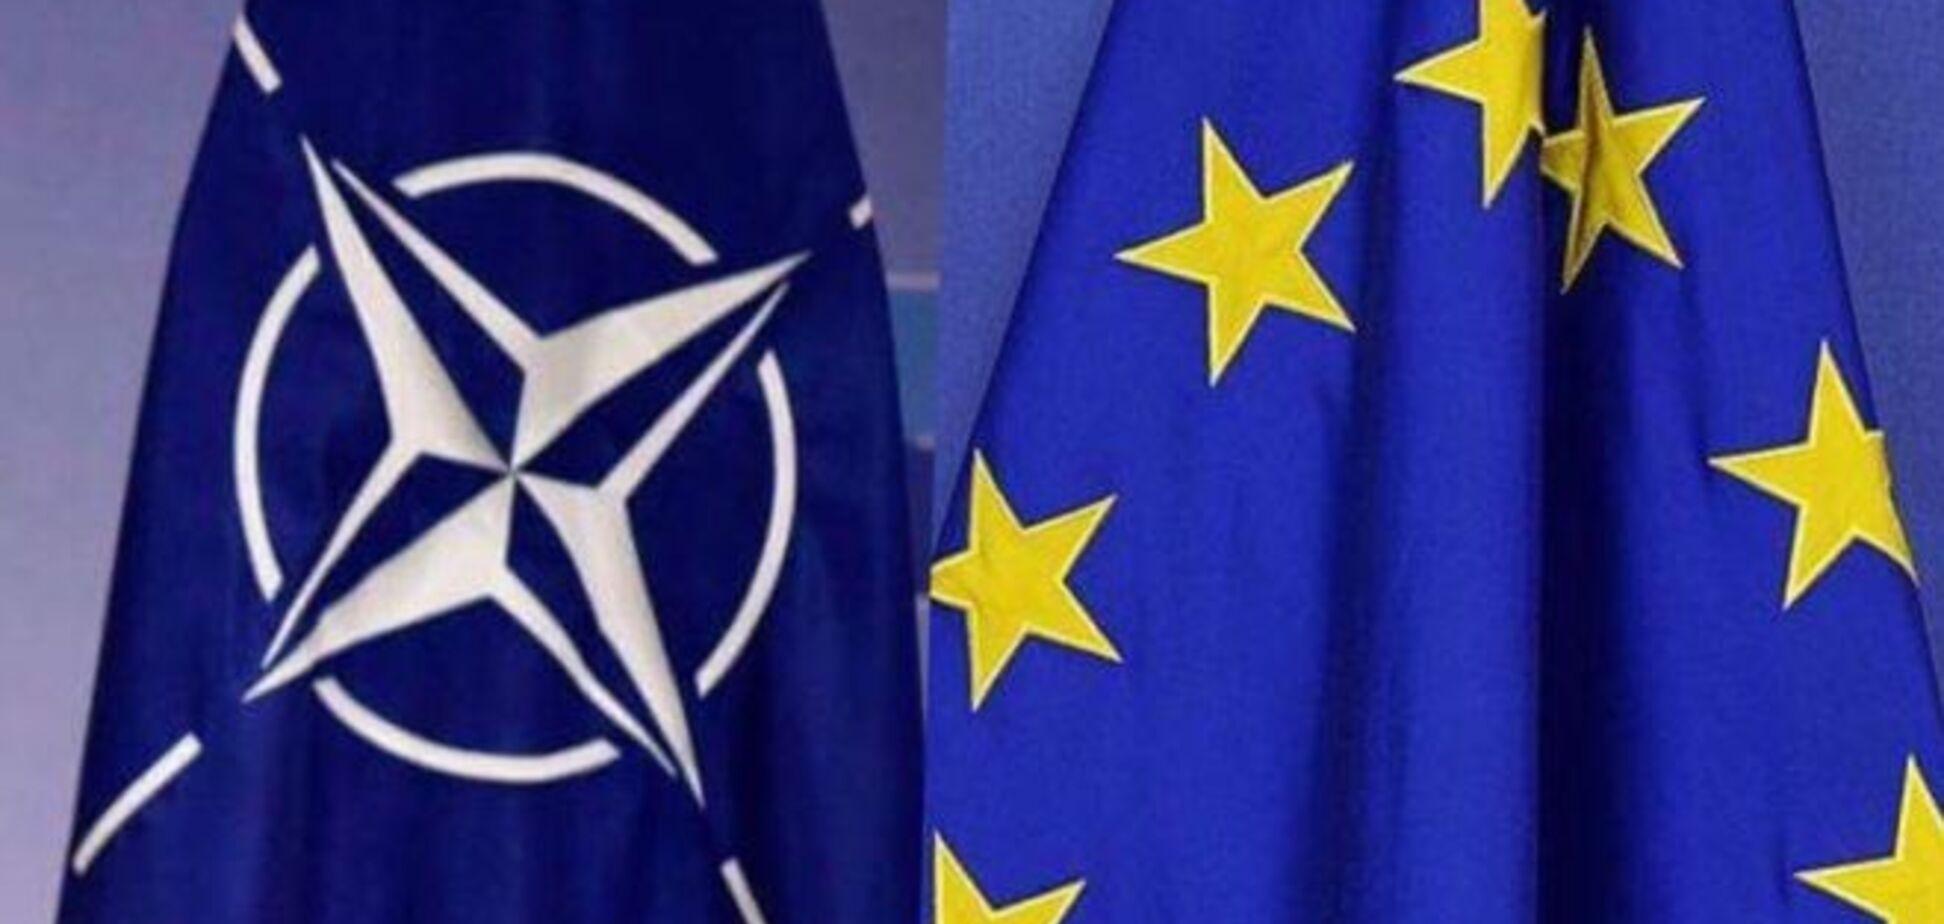 'Никто Украине не поможет': в Кабмине сделали громкое заявление о НАТО и ЕС